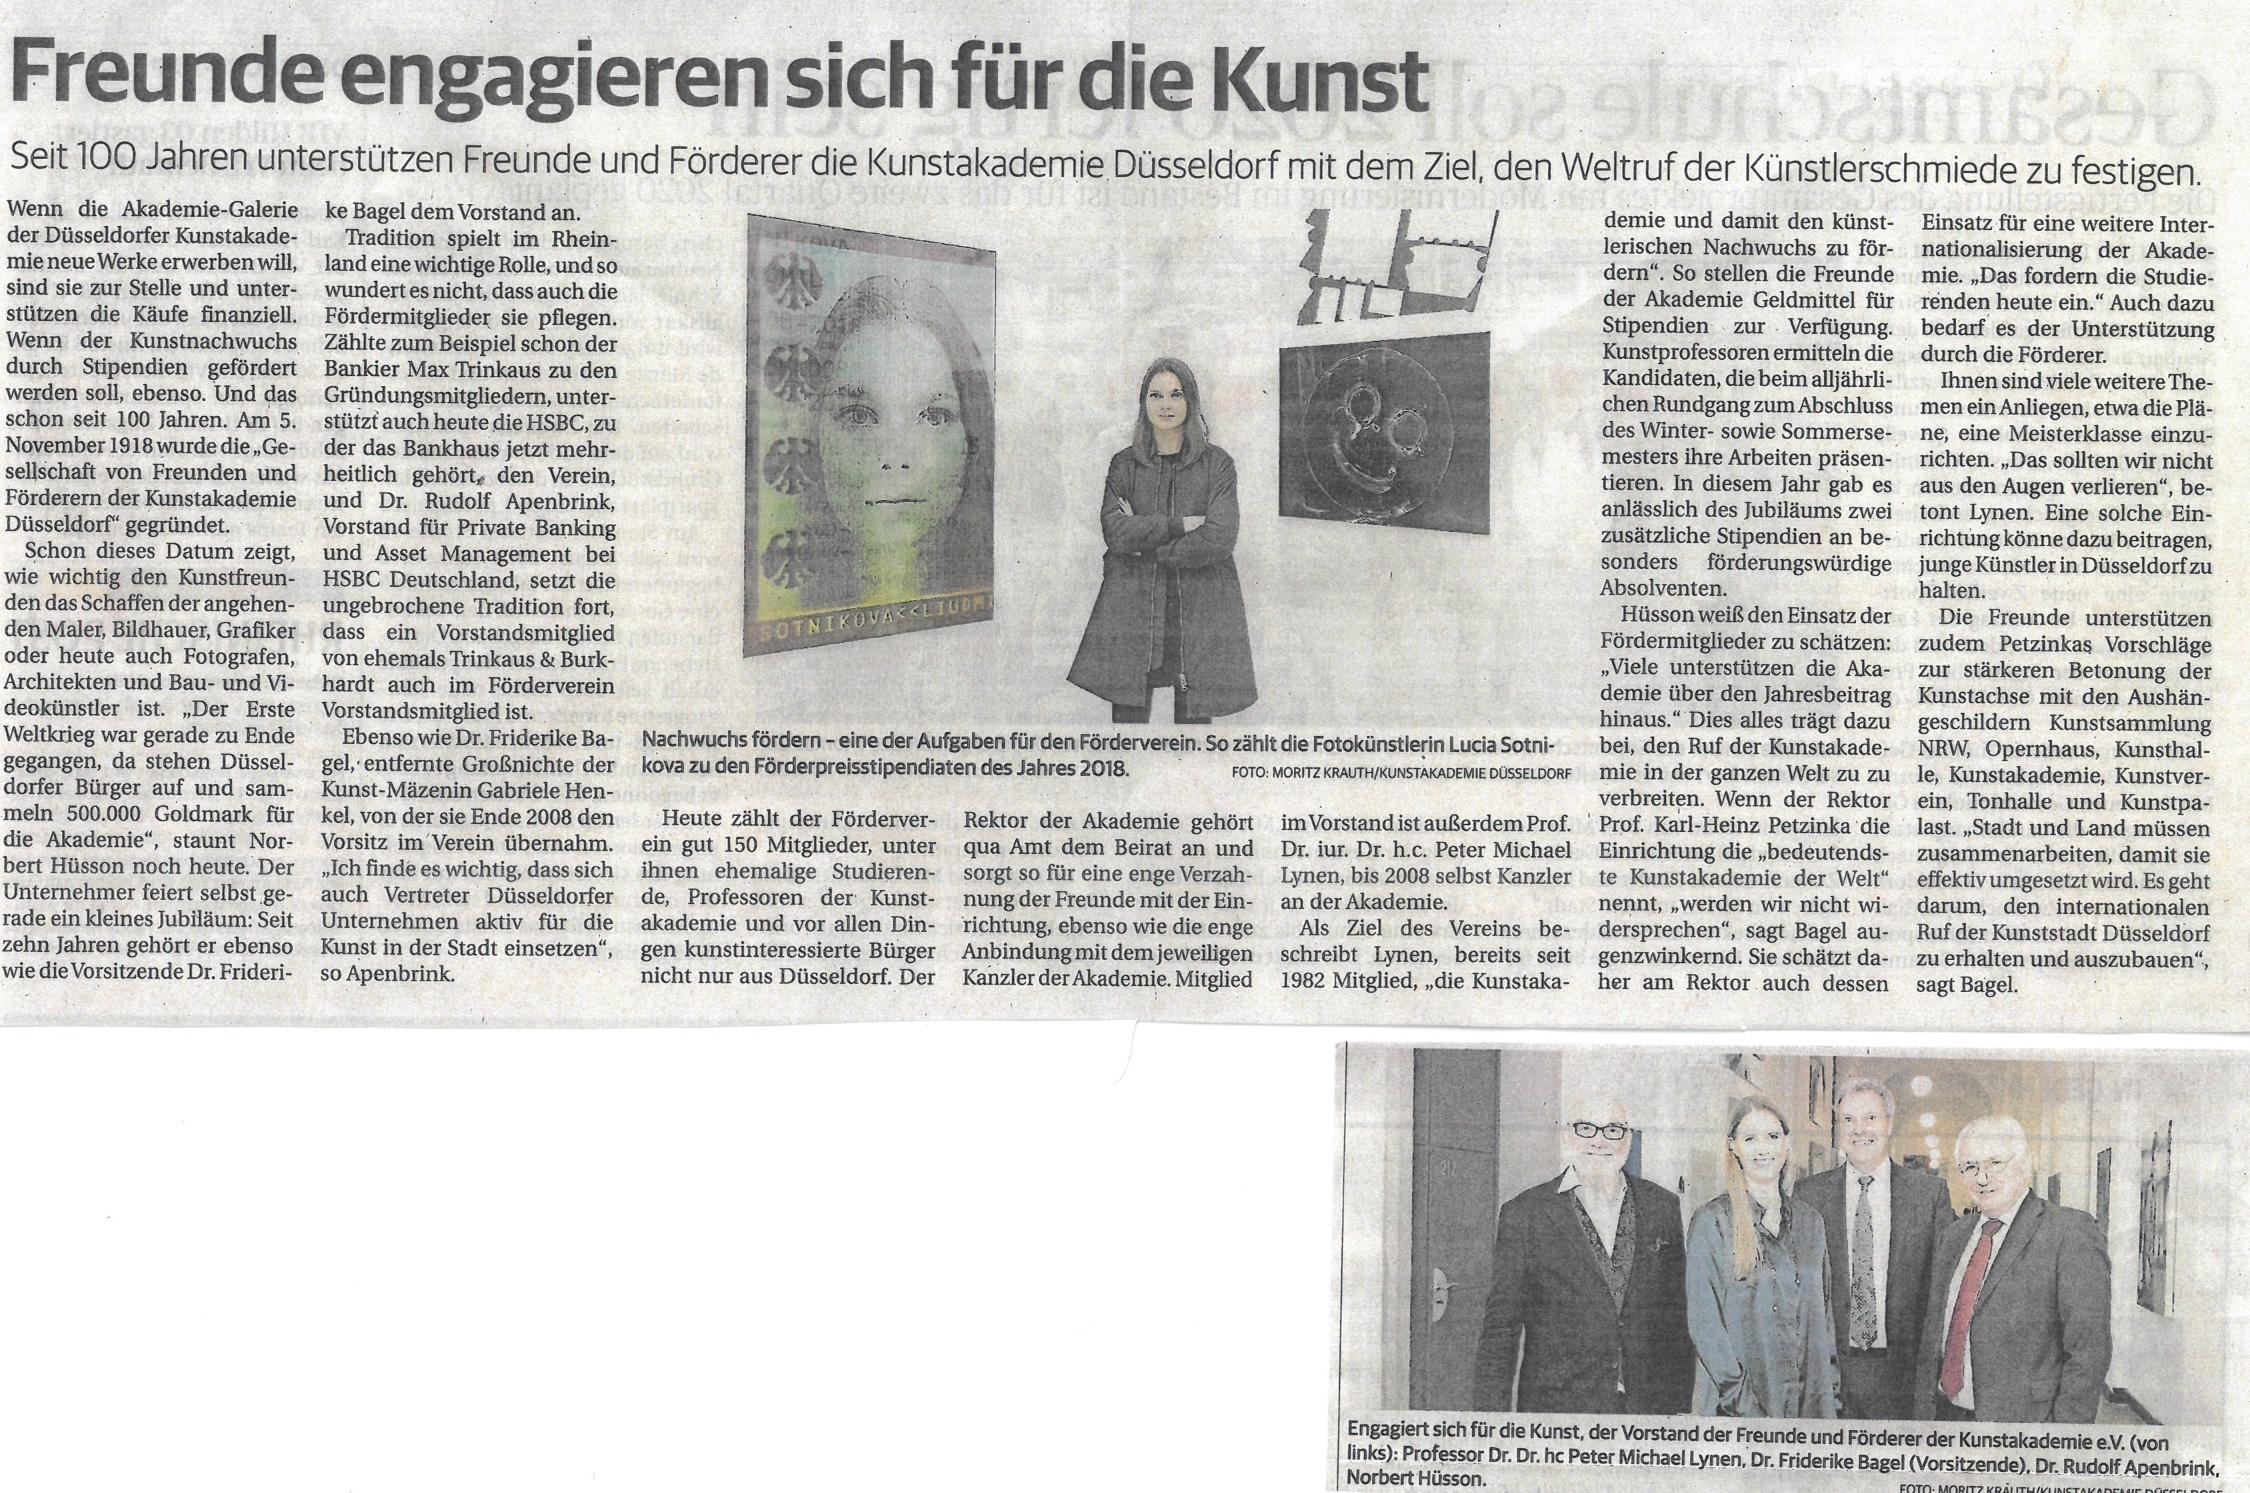 Rheinische Post am 03.11.2018 anläßlich des 100 jährigen Jubiläums. (Foto unten rechts in der RP: Moritz Krauth Kunstakademie Düsseldorf)